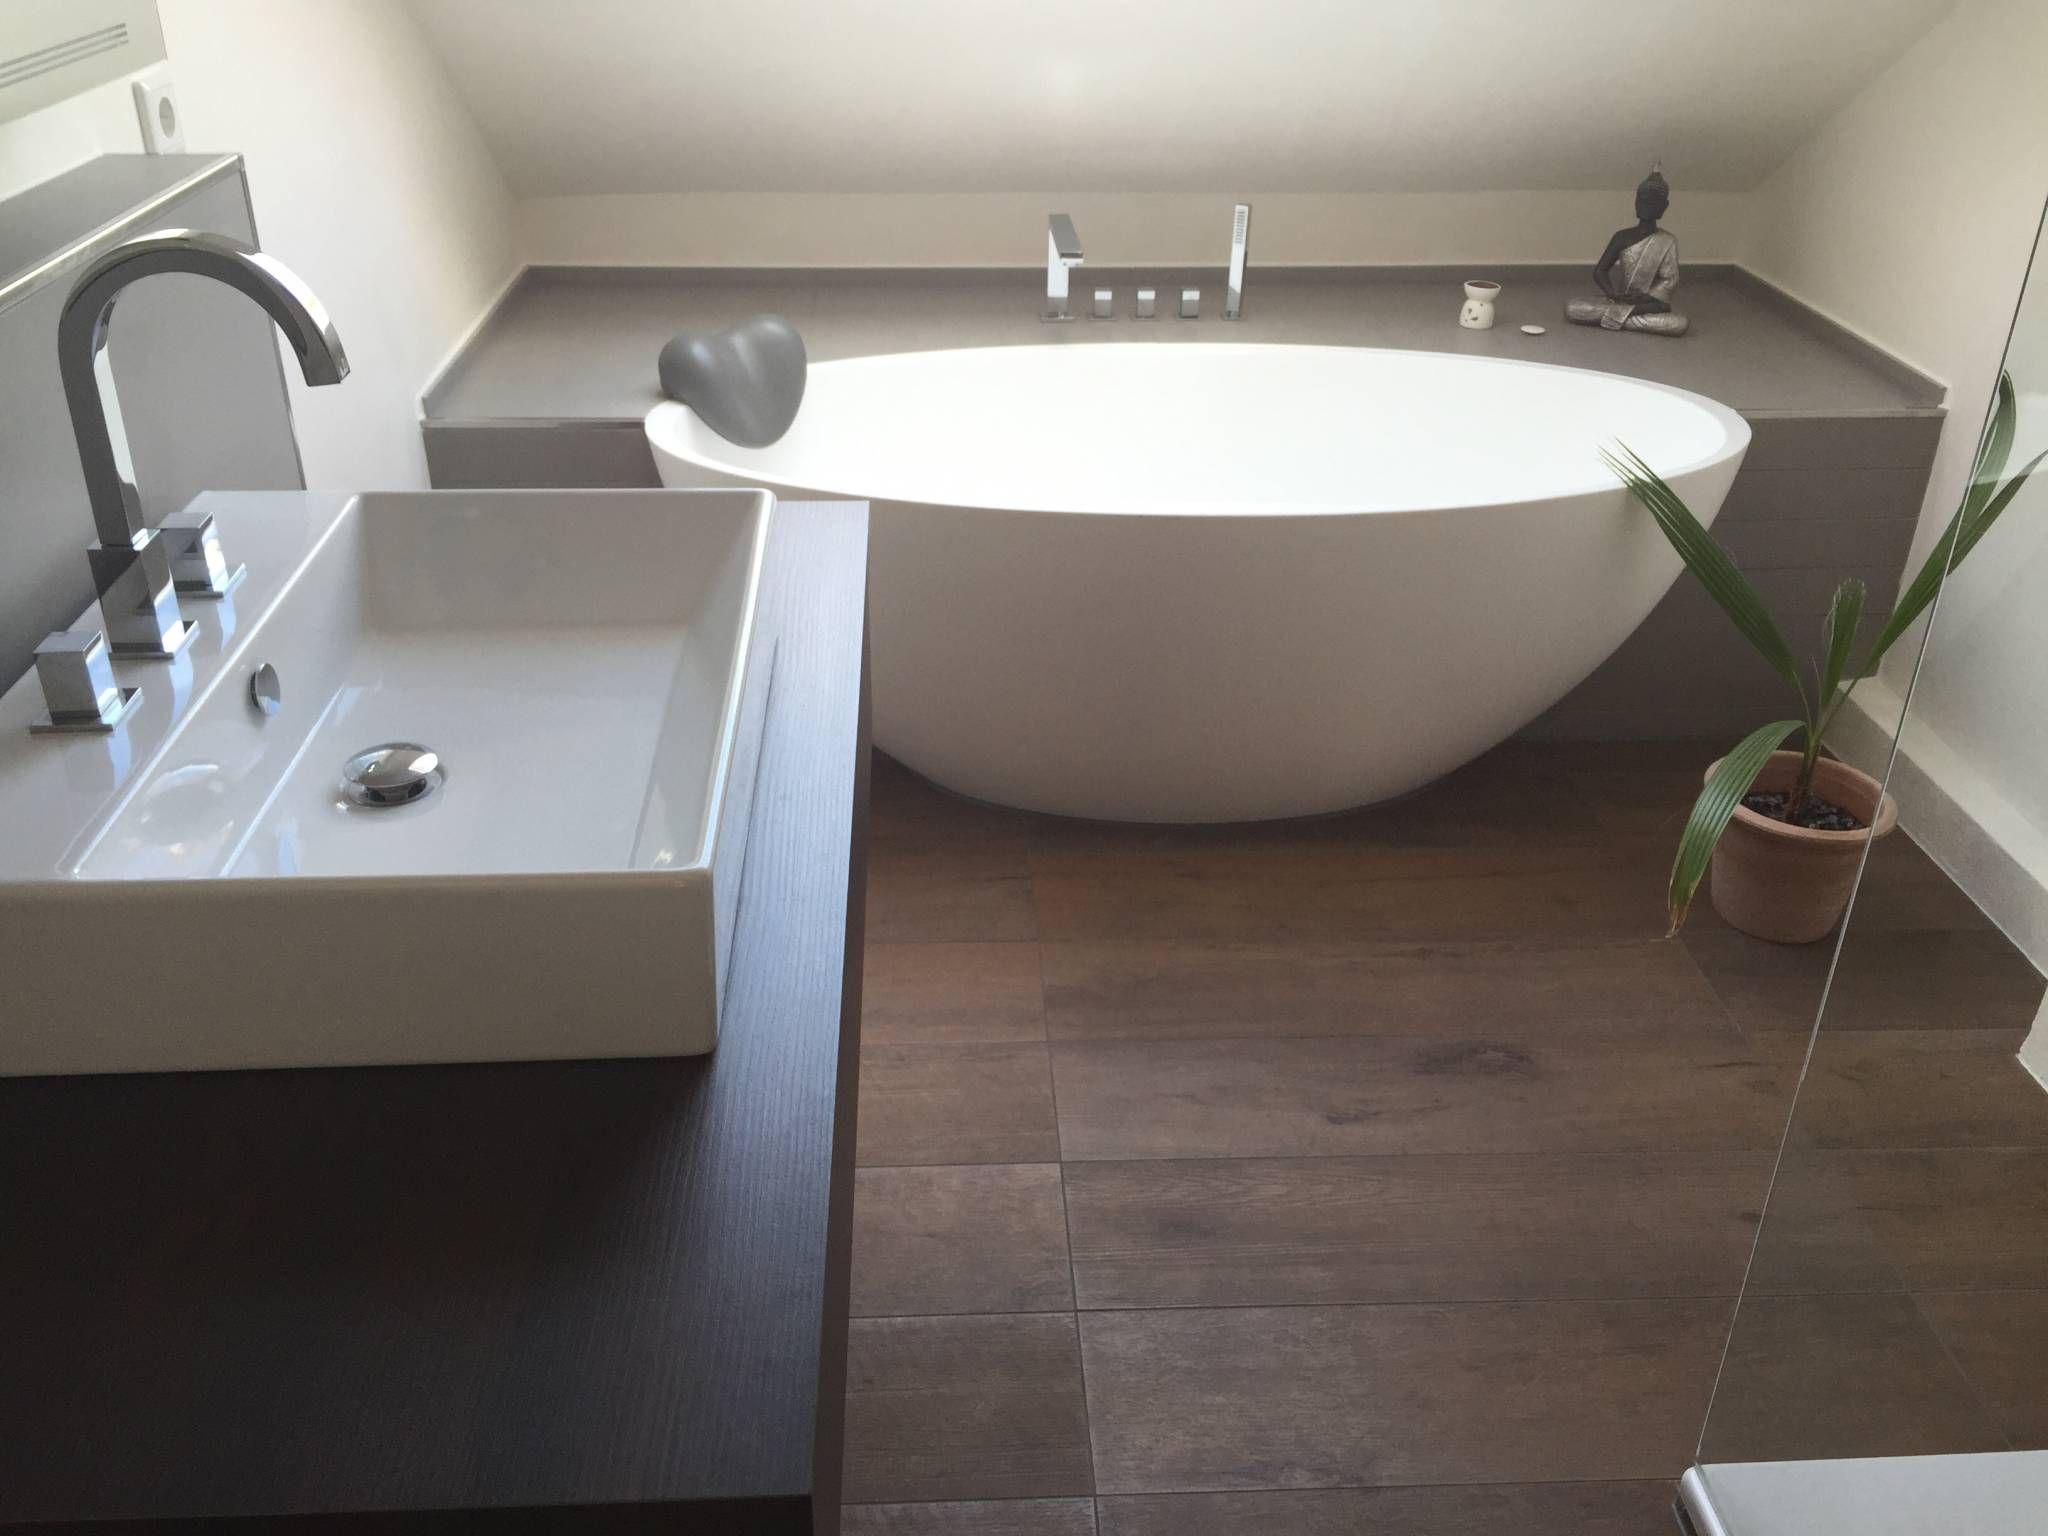 moderne badezimmer bilder: einbau-dokumentation eines badeloft